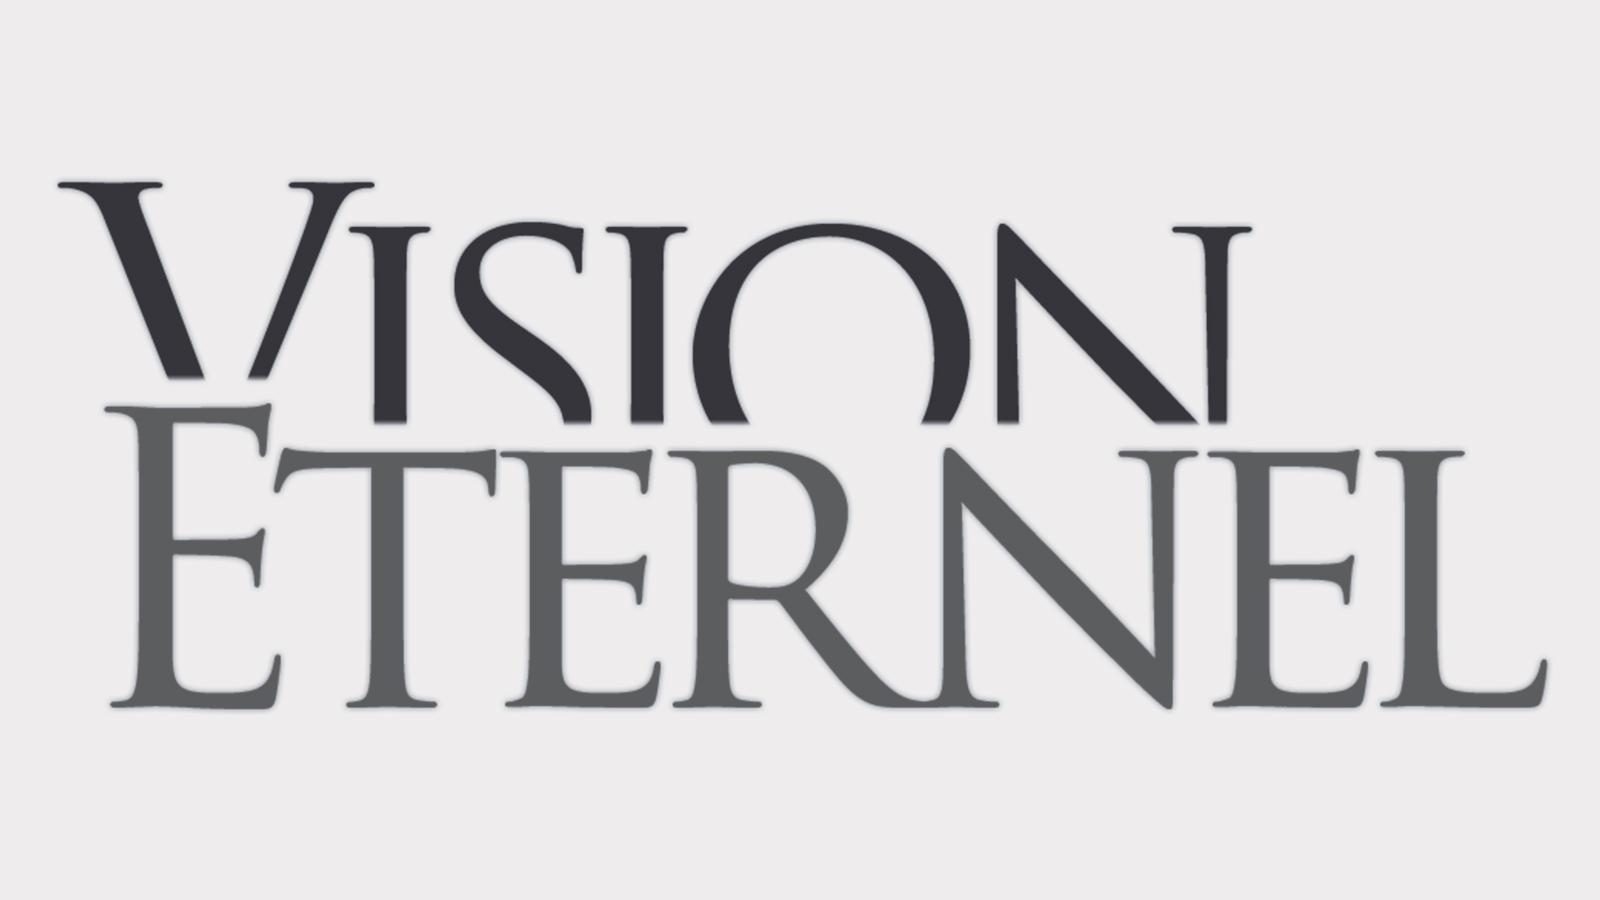 Vision Éternel News Placeholder